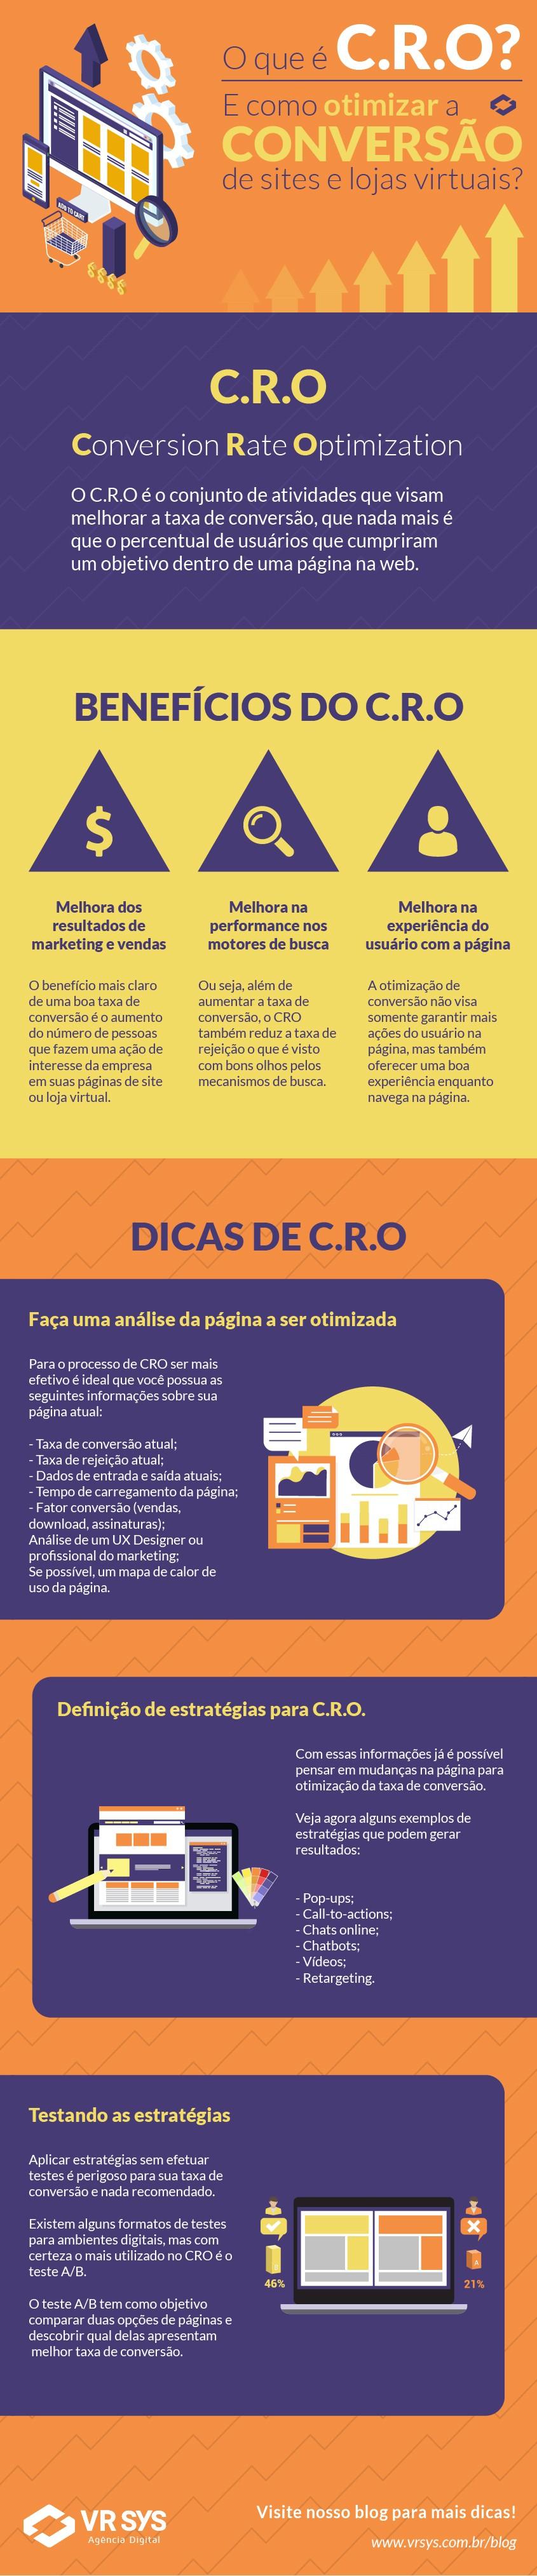 O que é otimização de conversão (CRO) de sites e lojas virtuais?